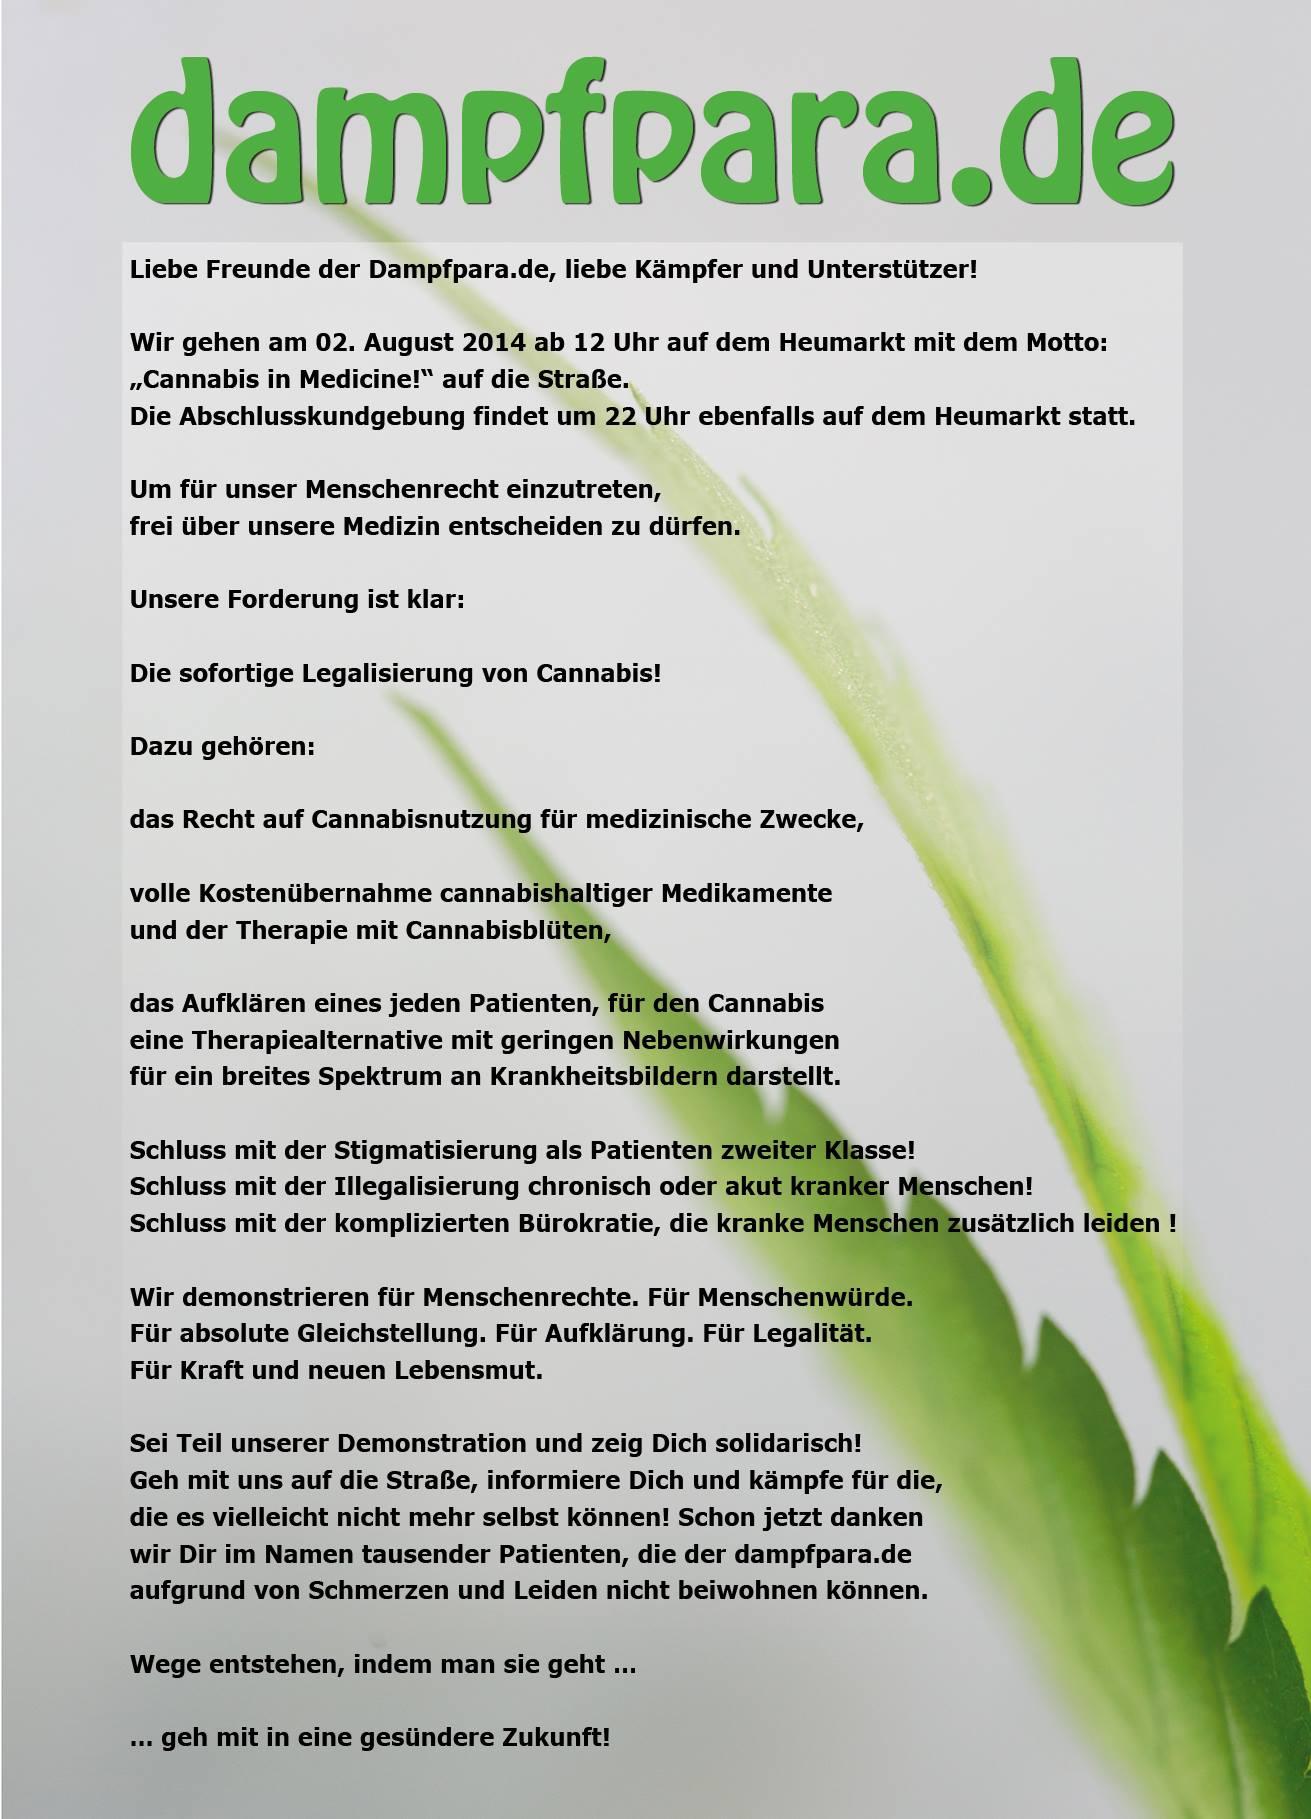 Forderungen der Dampfparade 2014 in Köln